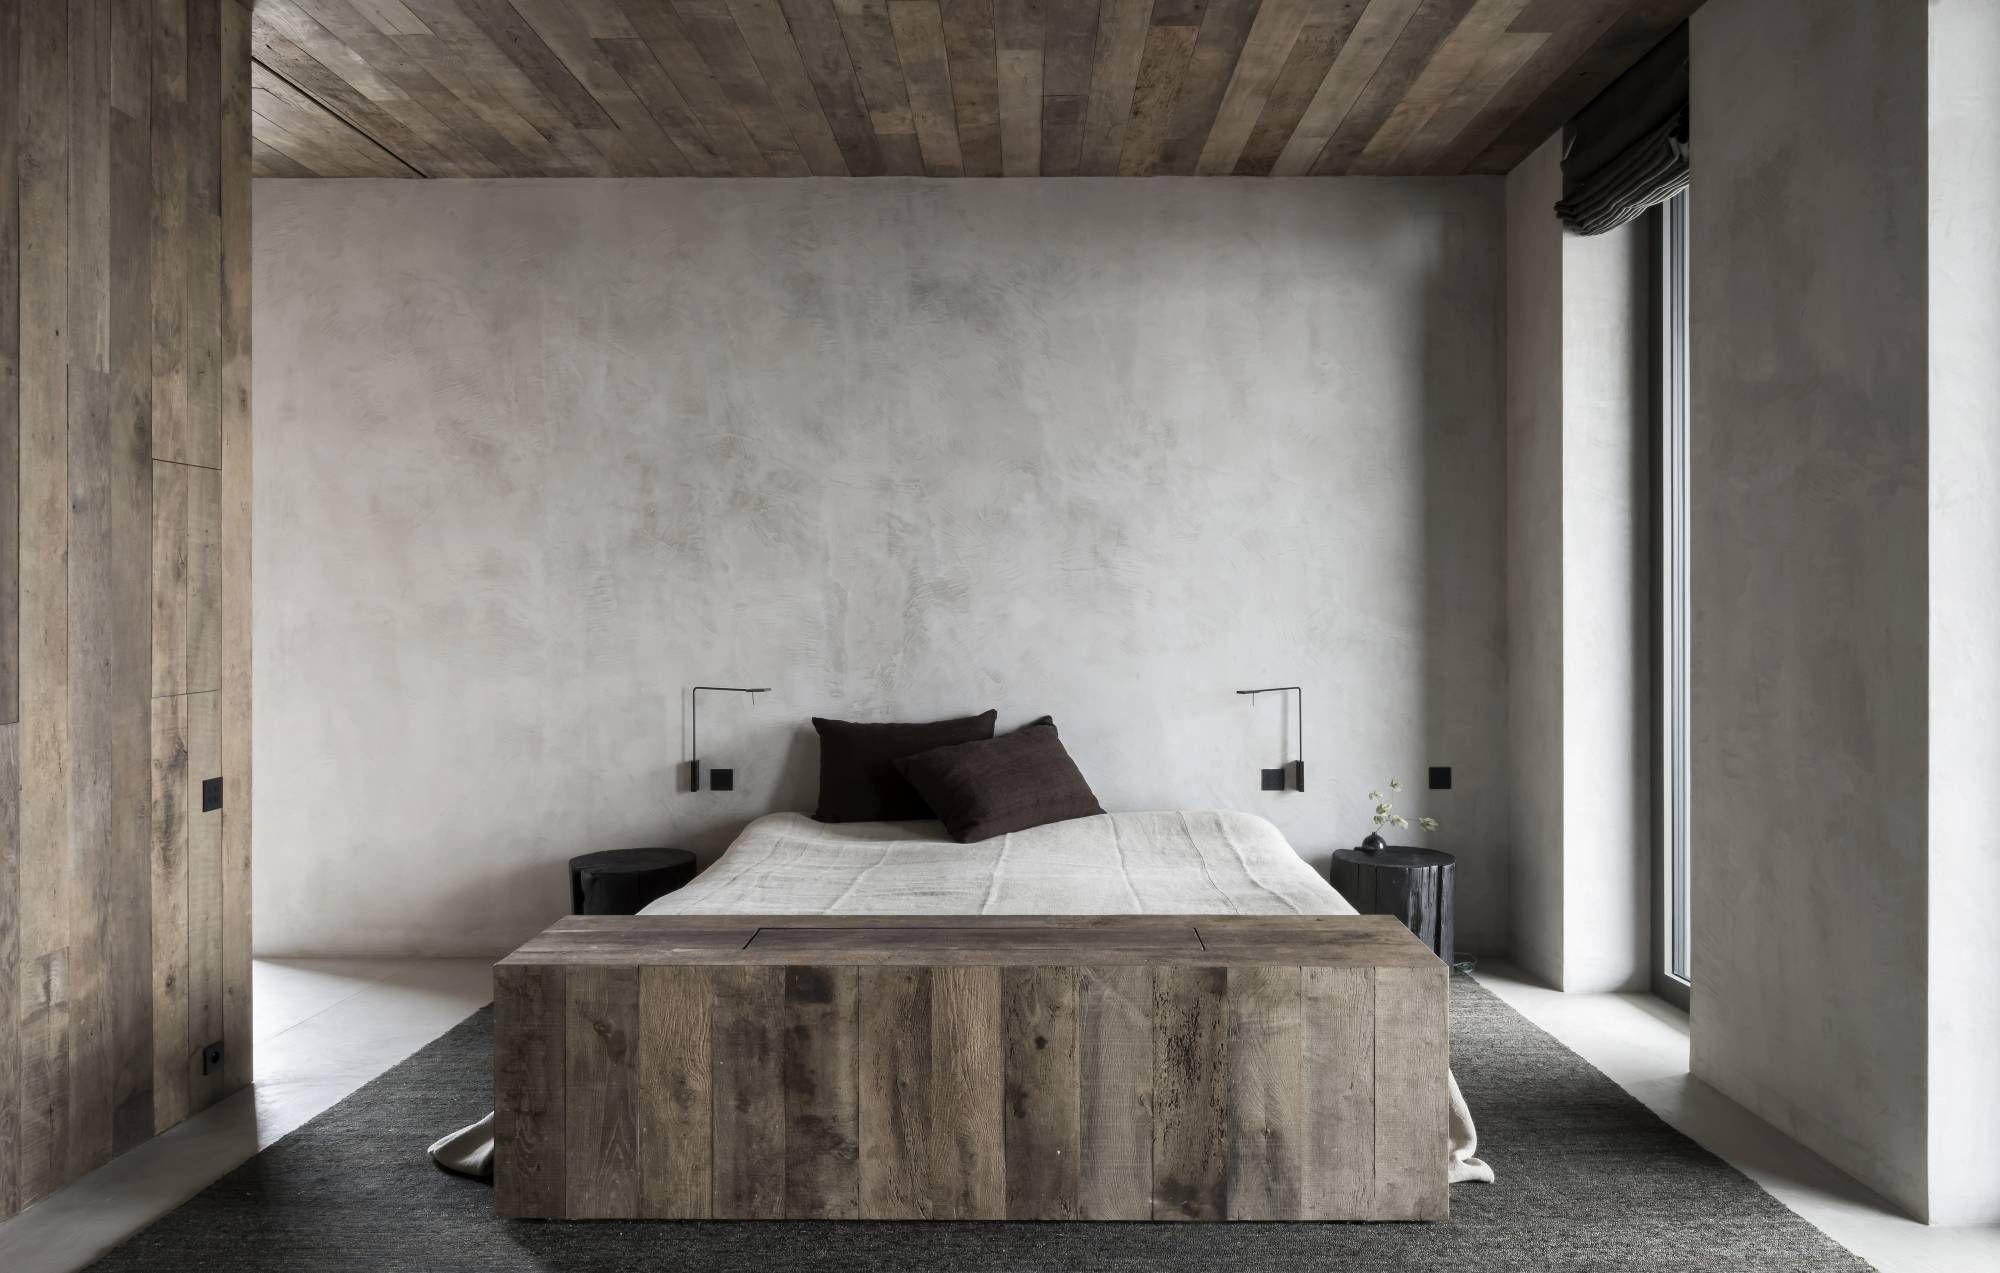 penthouse c, antwerpen - Interiors - Bedrooms | Pinterest ...